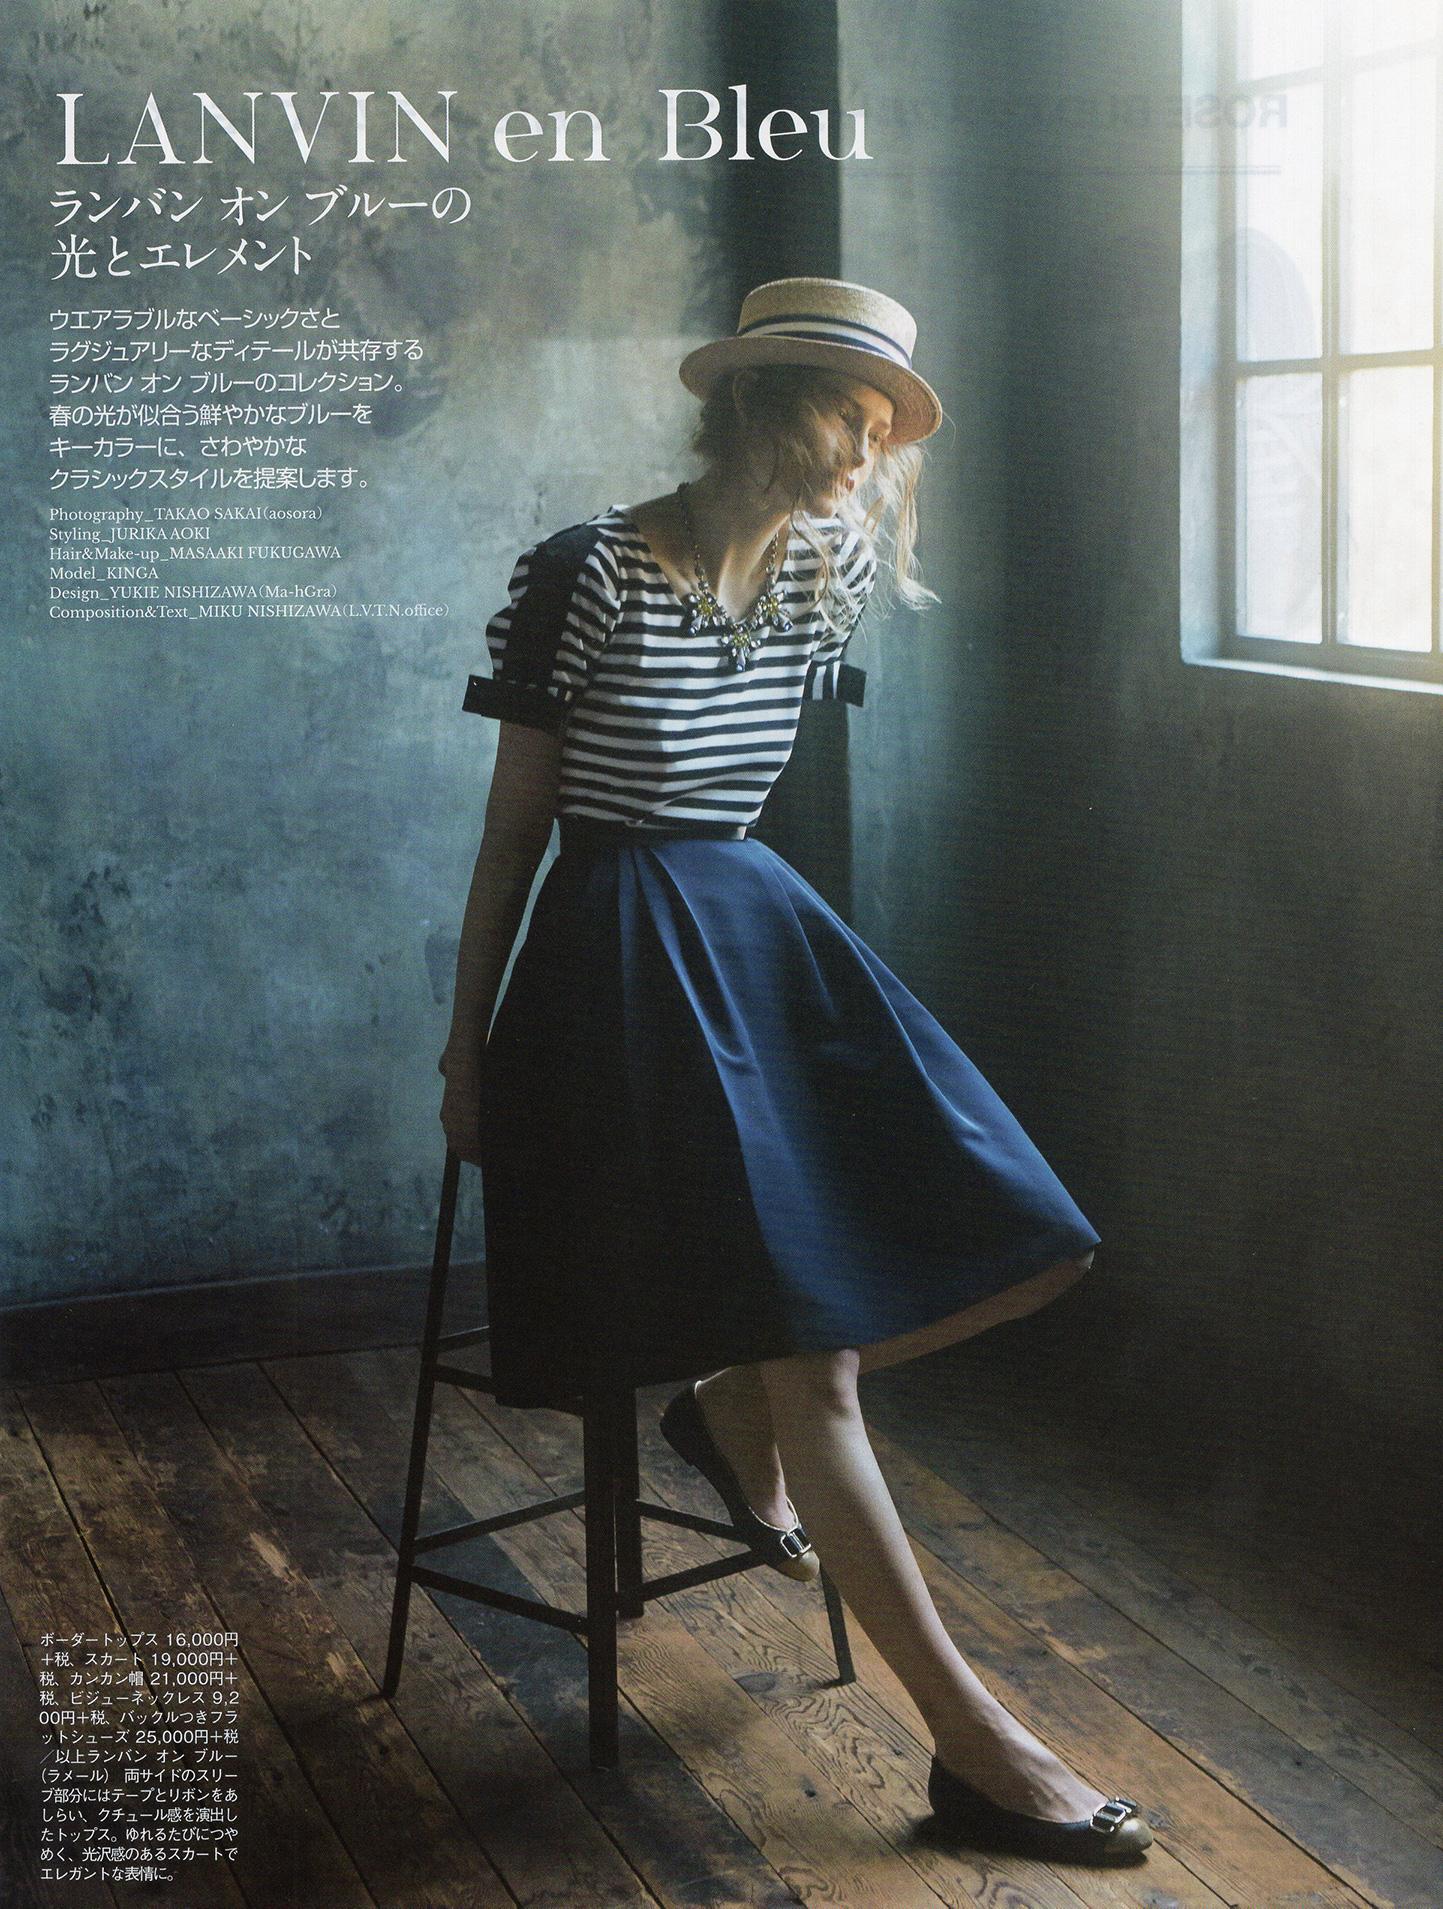 gisele 2014_2 lanvin en blue